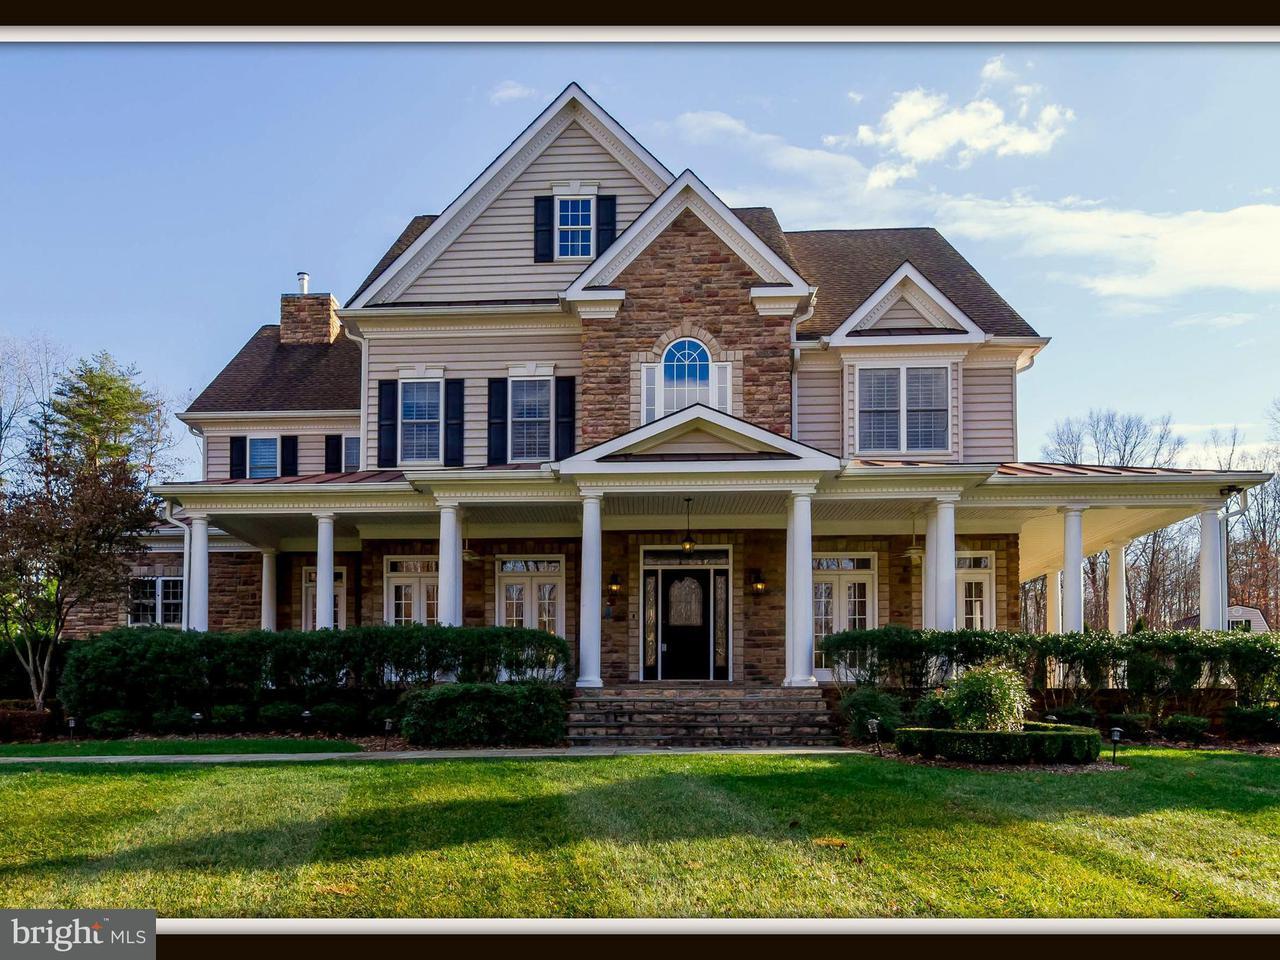 단독 가정 주택 용 매매 에 78 Partridge Lane 78 Partridge Lane Stafford, 버지니아 22556 미국